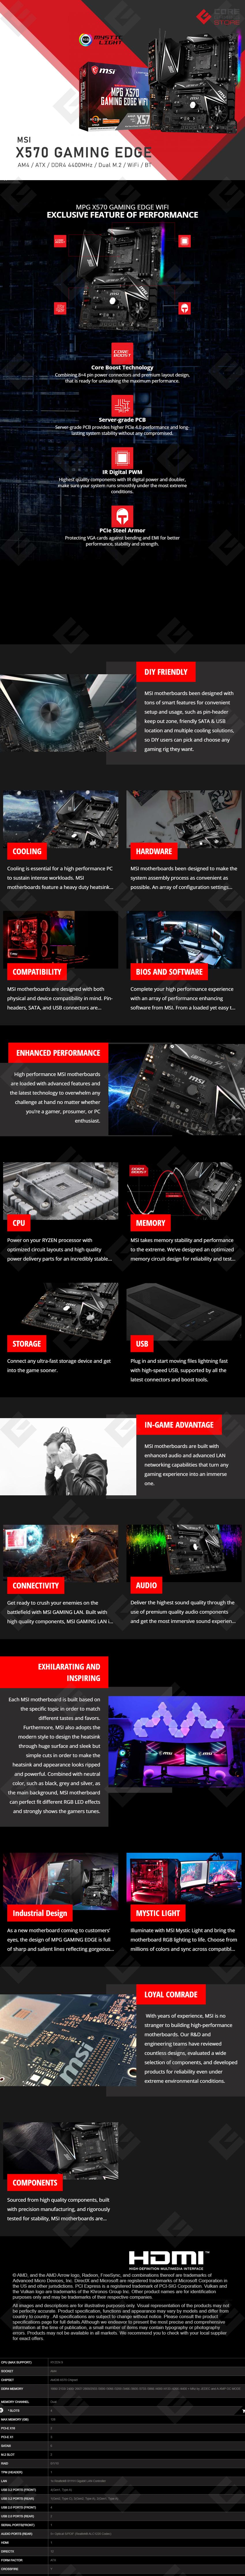 Tarjeta Madre MSI MPG X570 Gaming Edge WiFi, ATX, AM4, DDR4 4400Mhz OC, Dual M.2, Crossfire, Wifi, Bluetooth